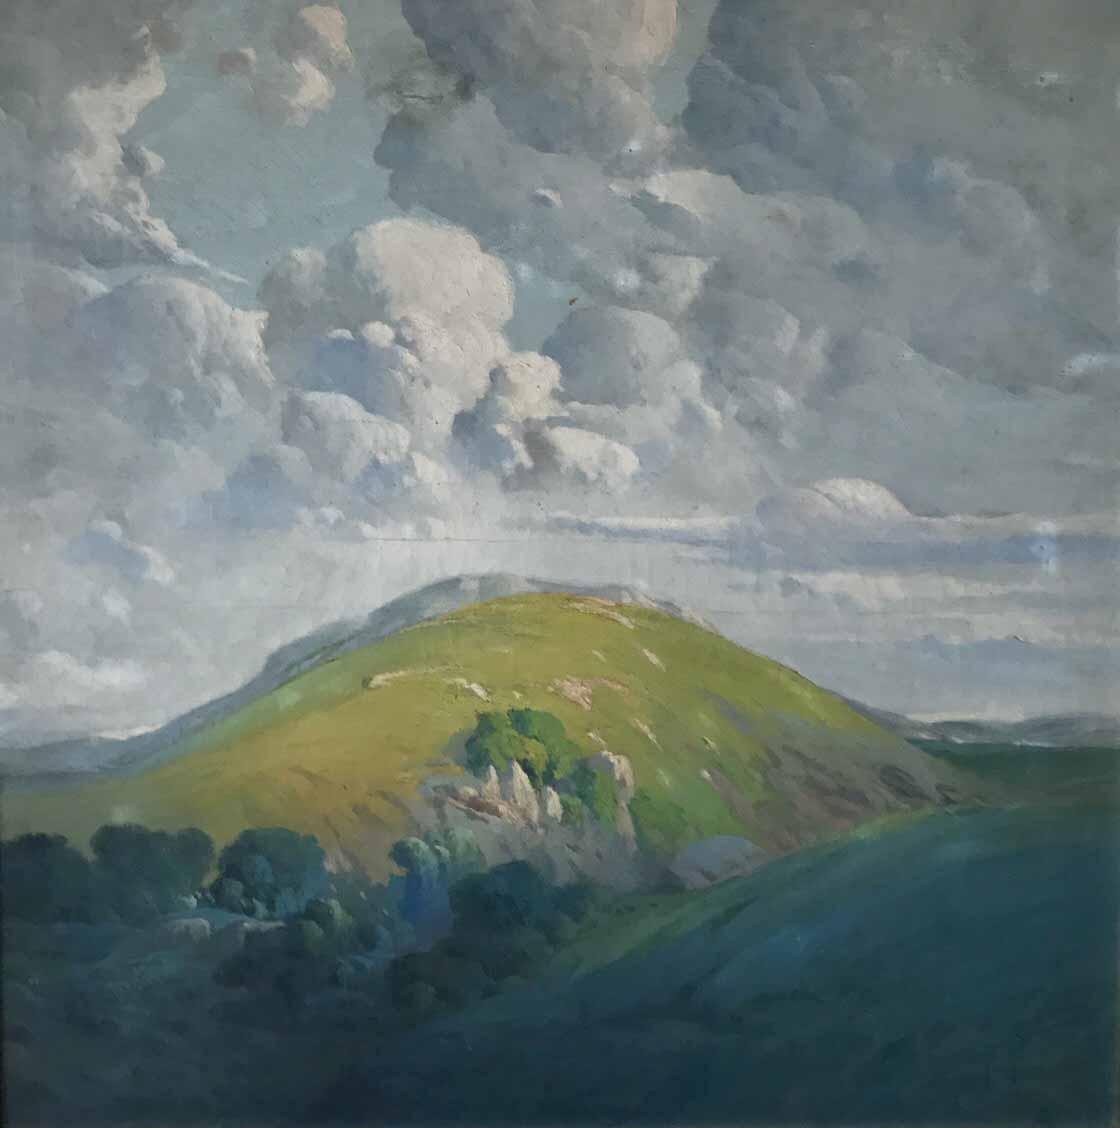 """ERNESTO LAROCHE (1879 - 1940) """"SIERRAS DE MINAS""""  Oleo sobre tela; 95 x 95 cm. Firmado abajo a la derecha. POR CONSULTAS DE PRECIOS, CONTACTE LA GALERIA. FOR PRICE´S ENQUIRIES, PLEASE CONTACT THE GALLERY."""